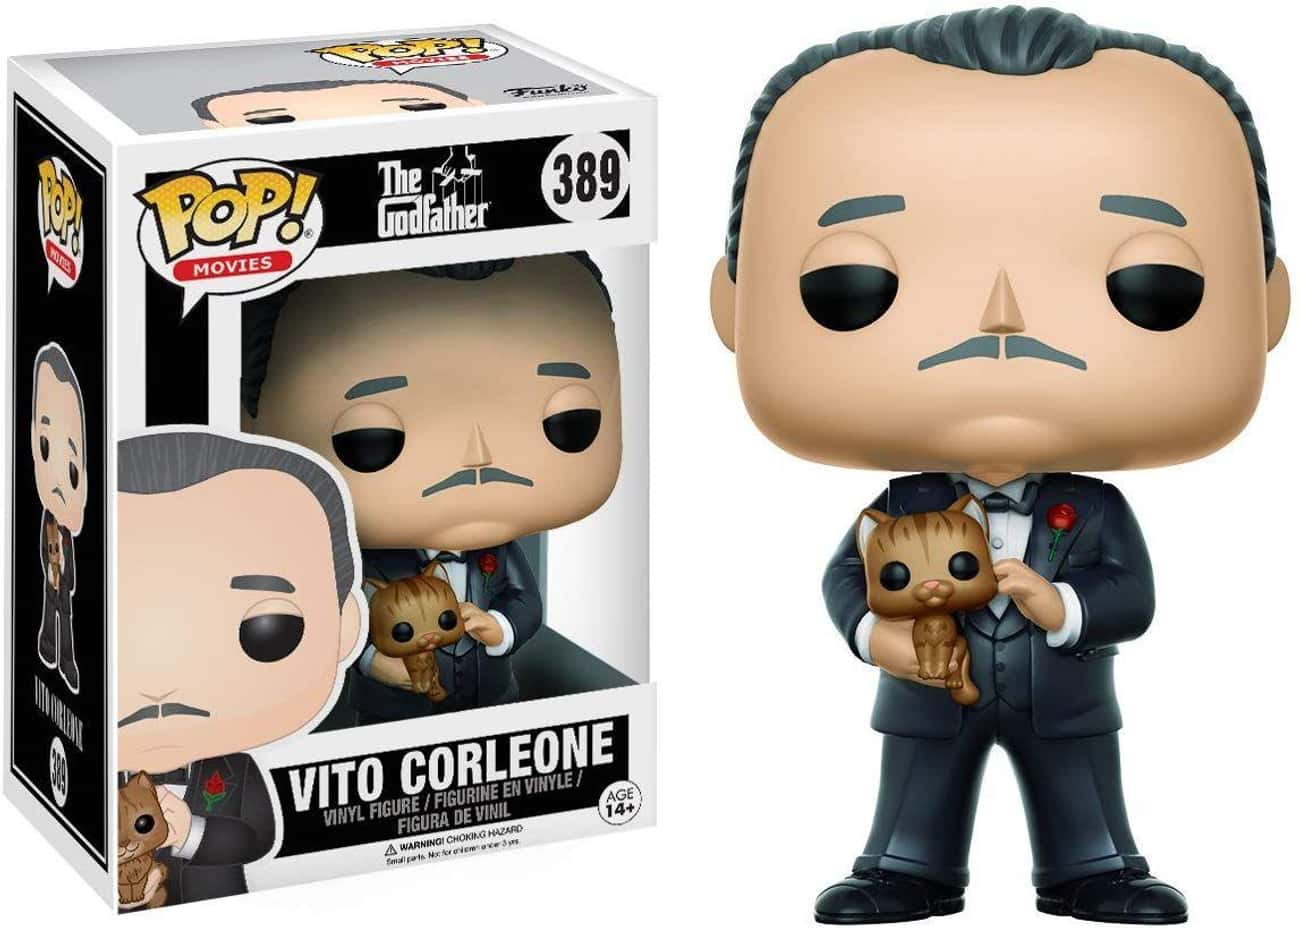 Vito Corleone ('The Godfather')